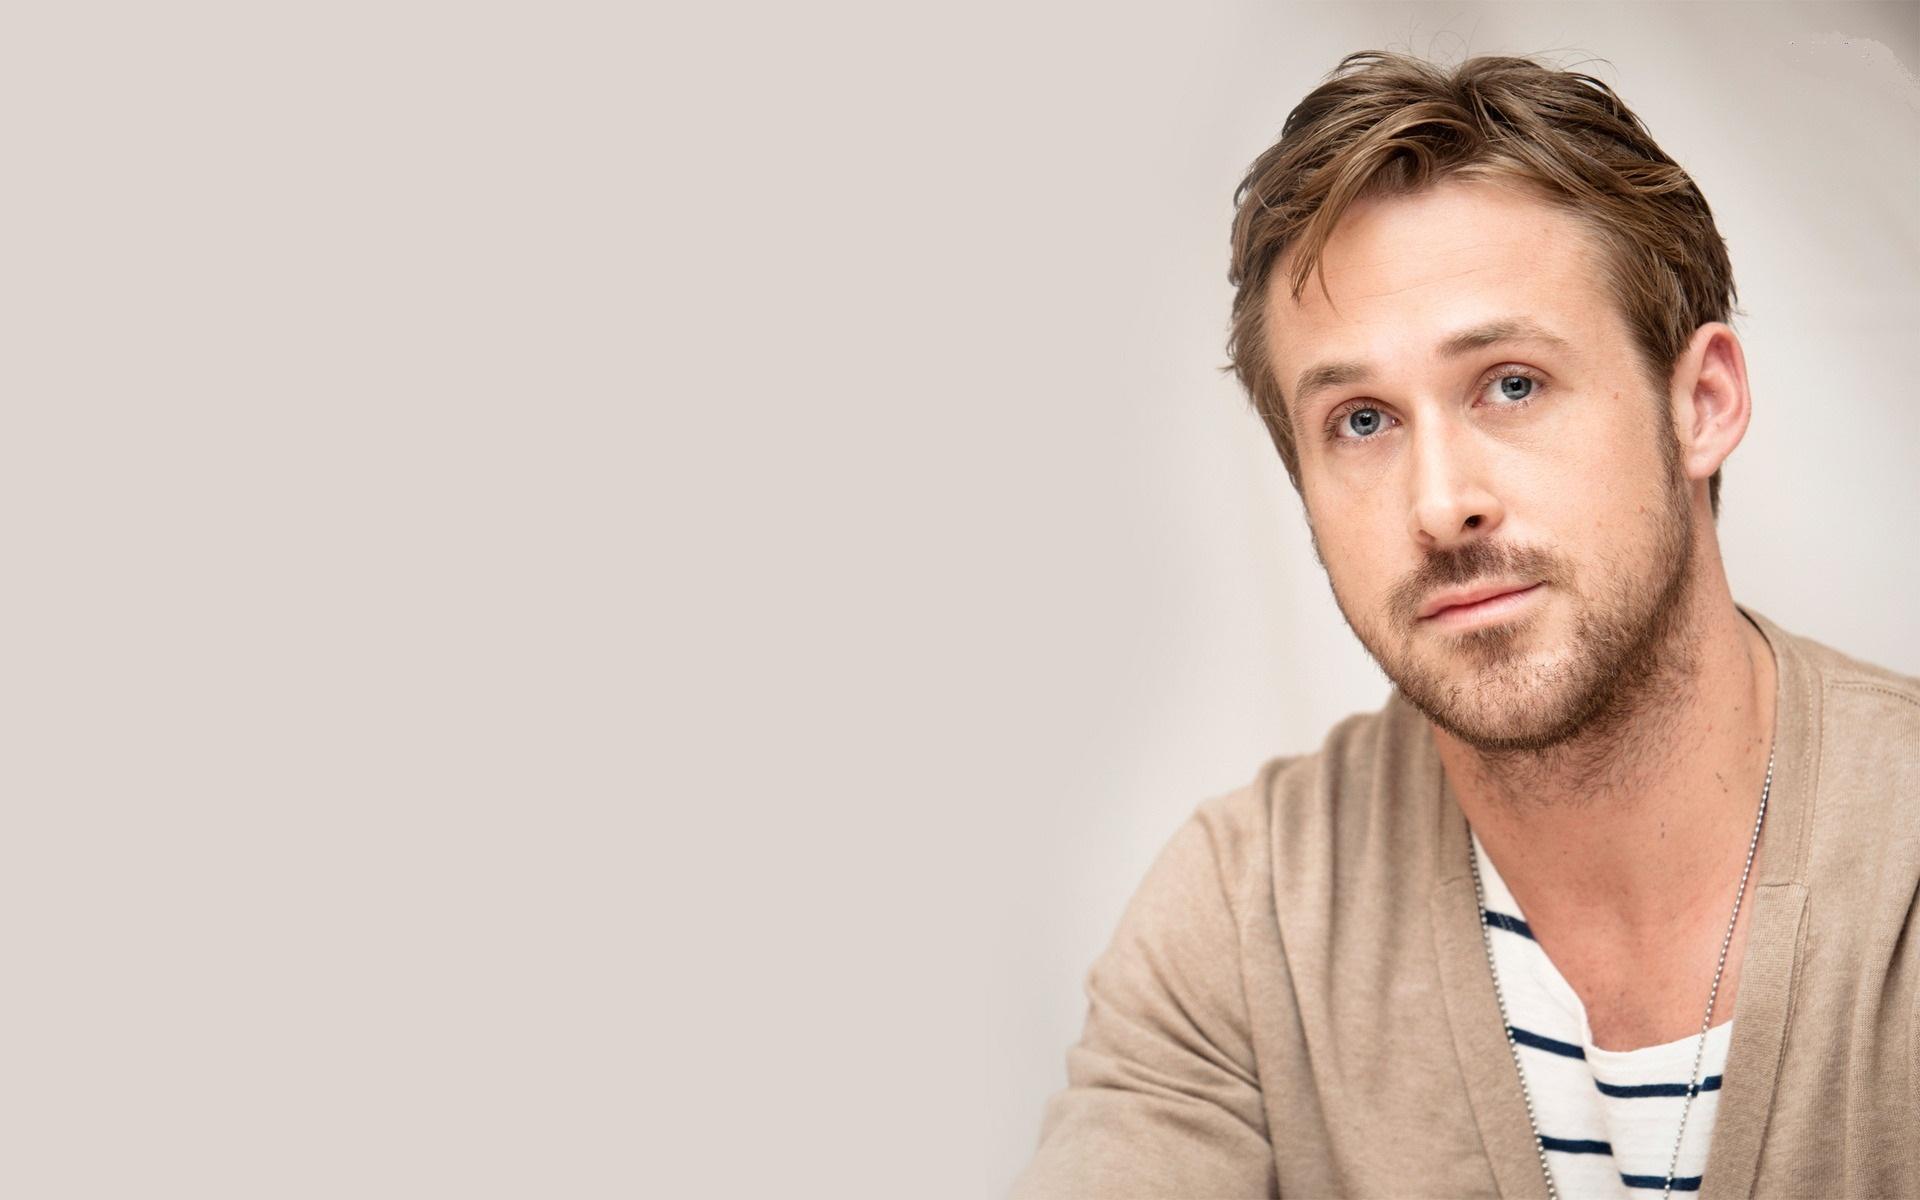 Ryan Gosling Hot Male Celebs Full HD Desktop Wallpapers 1920x1200